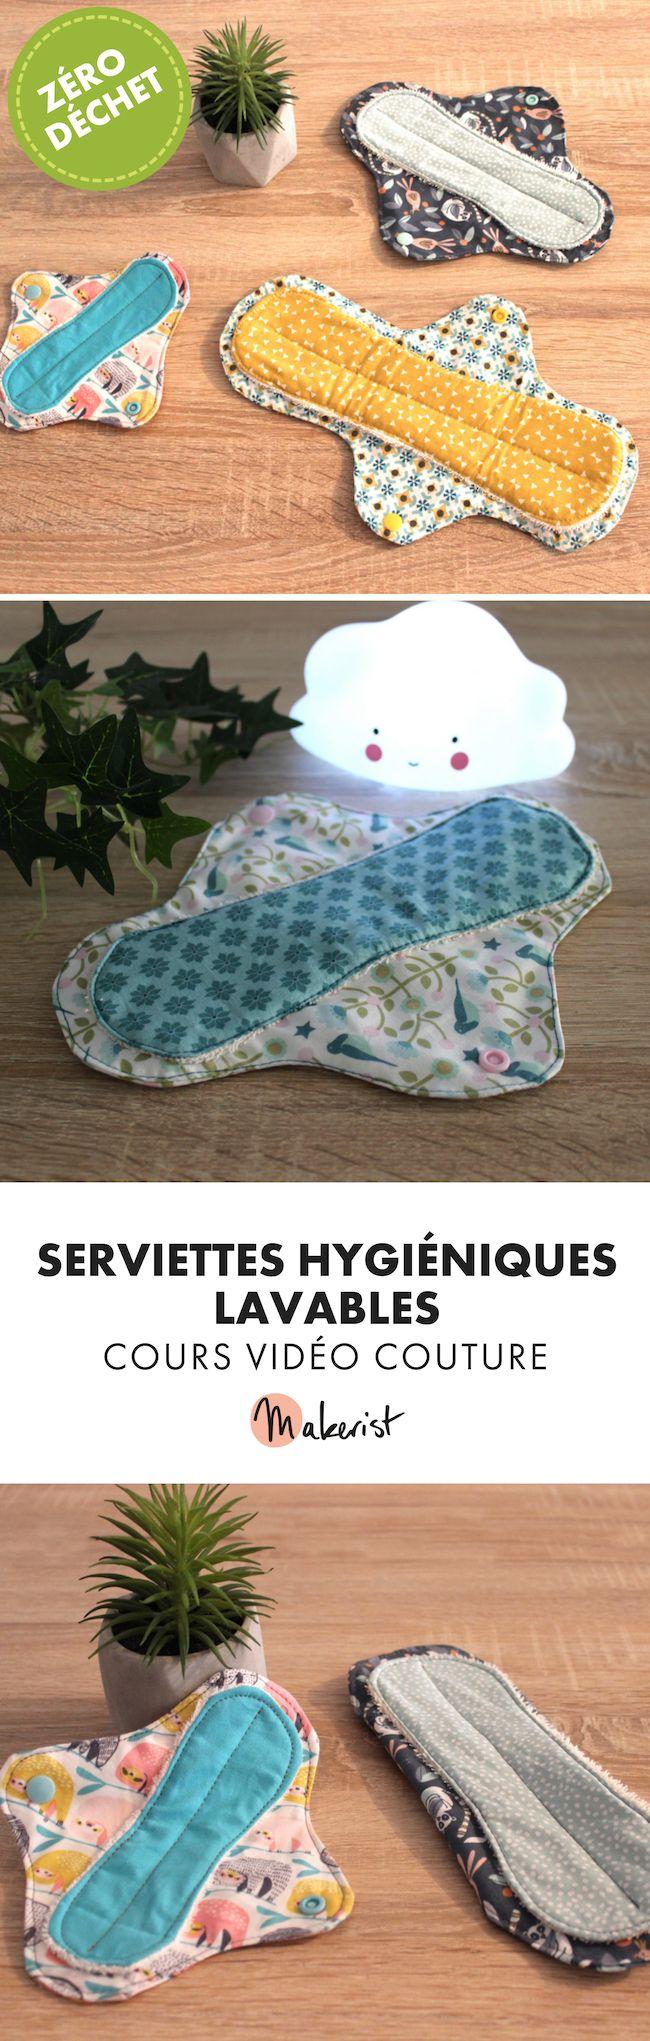 Cours de couture zéro déchet - serviettes hygiéniques lavables #couturezerodechet